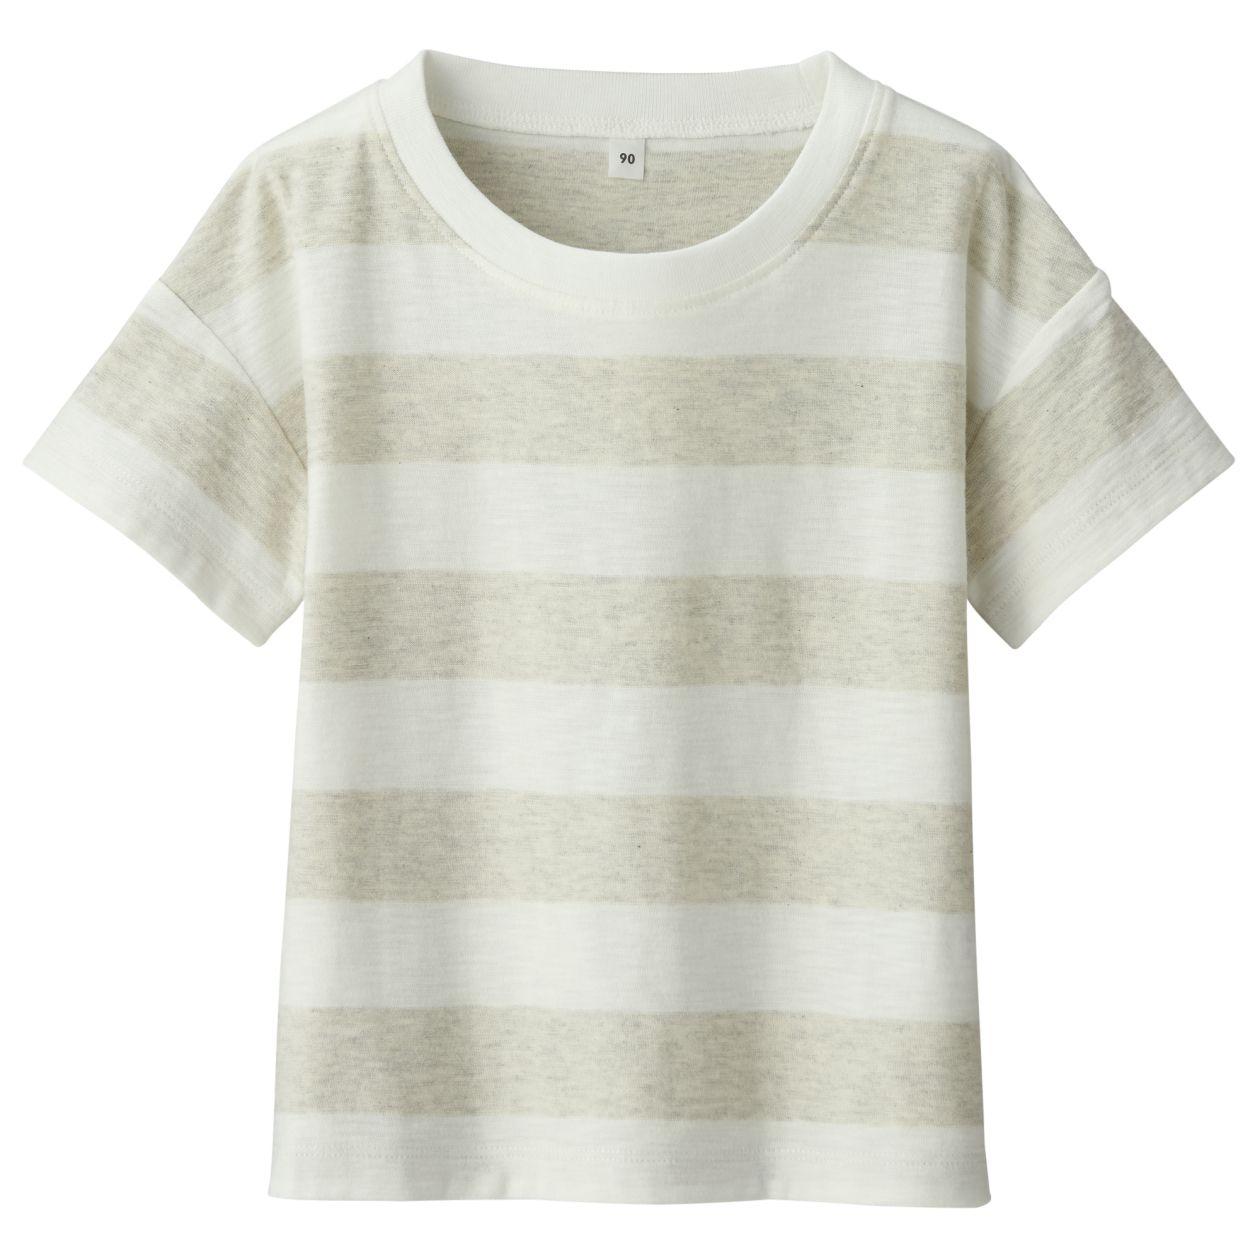 ムラ糸天竺編みボーダー半袖ワイドTシャツ(ベビー)